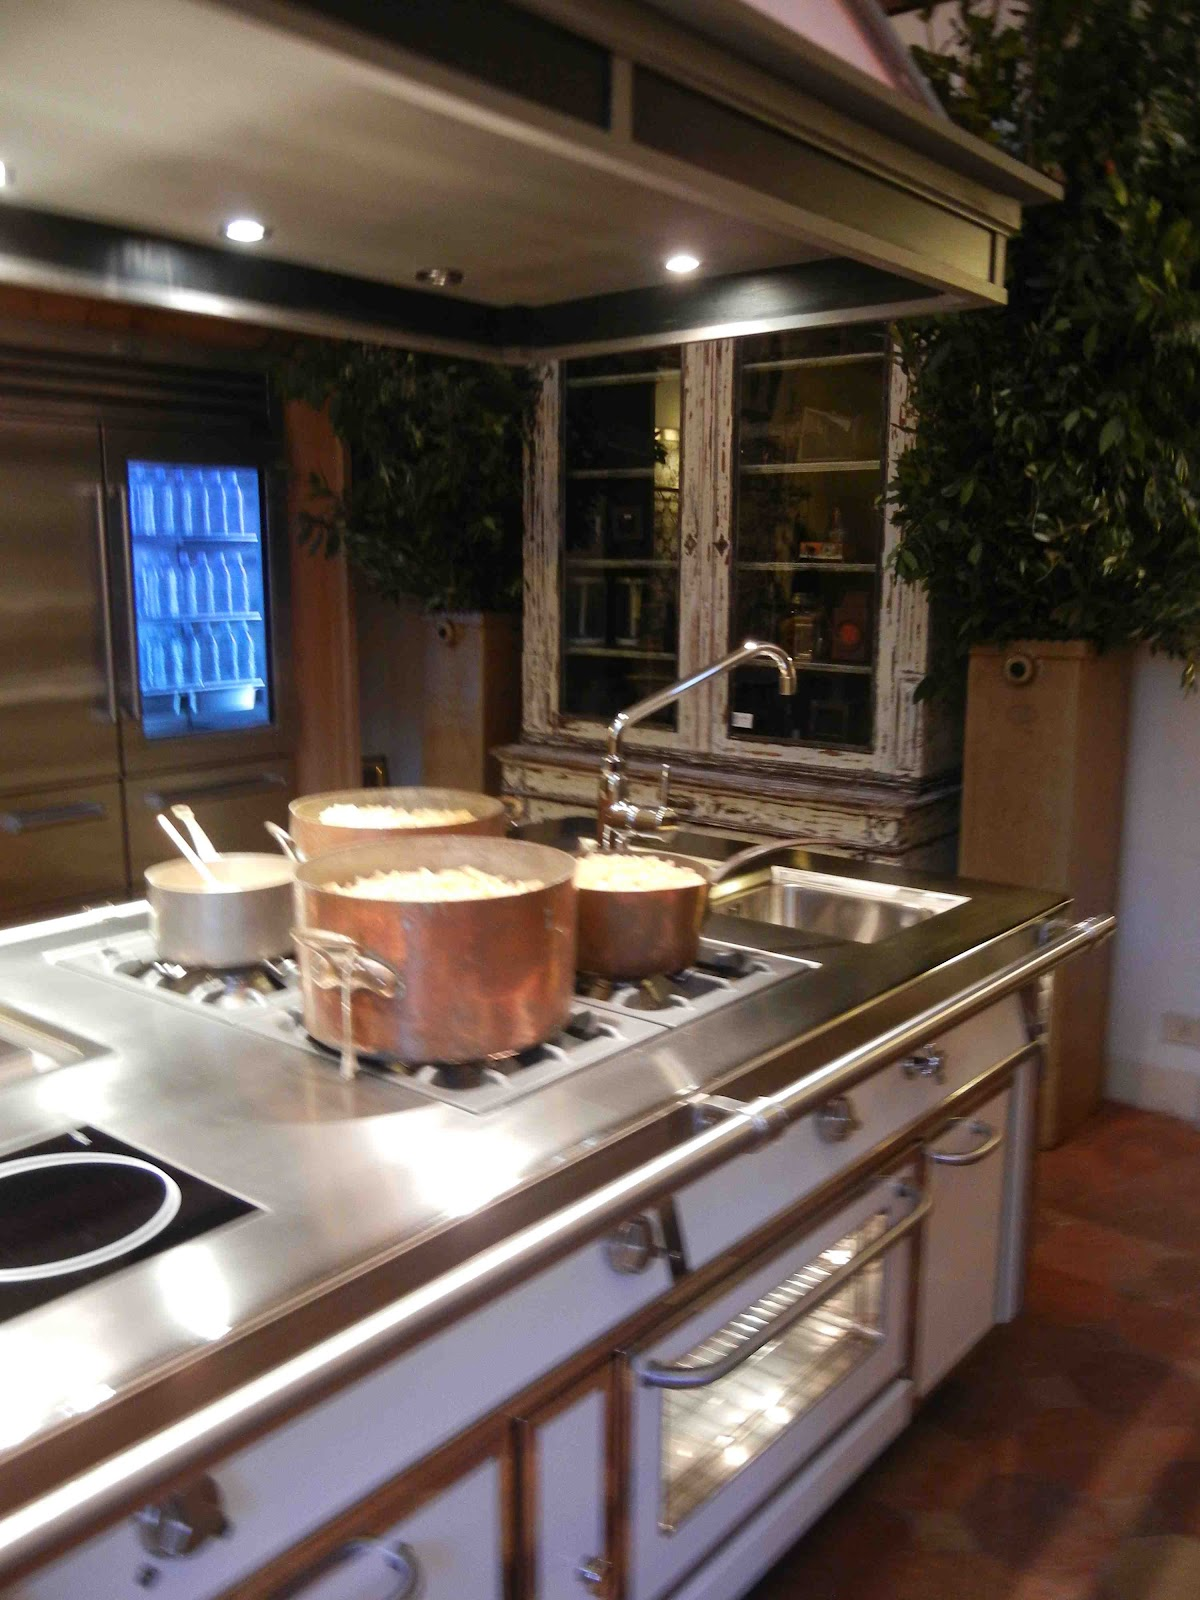 Ama Cucine Firenze io amo firenze: le cucine e i bagni di barthel